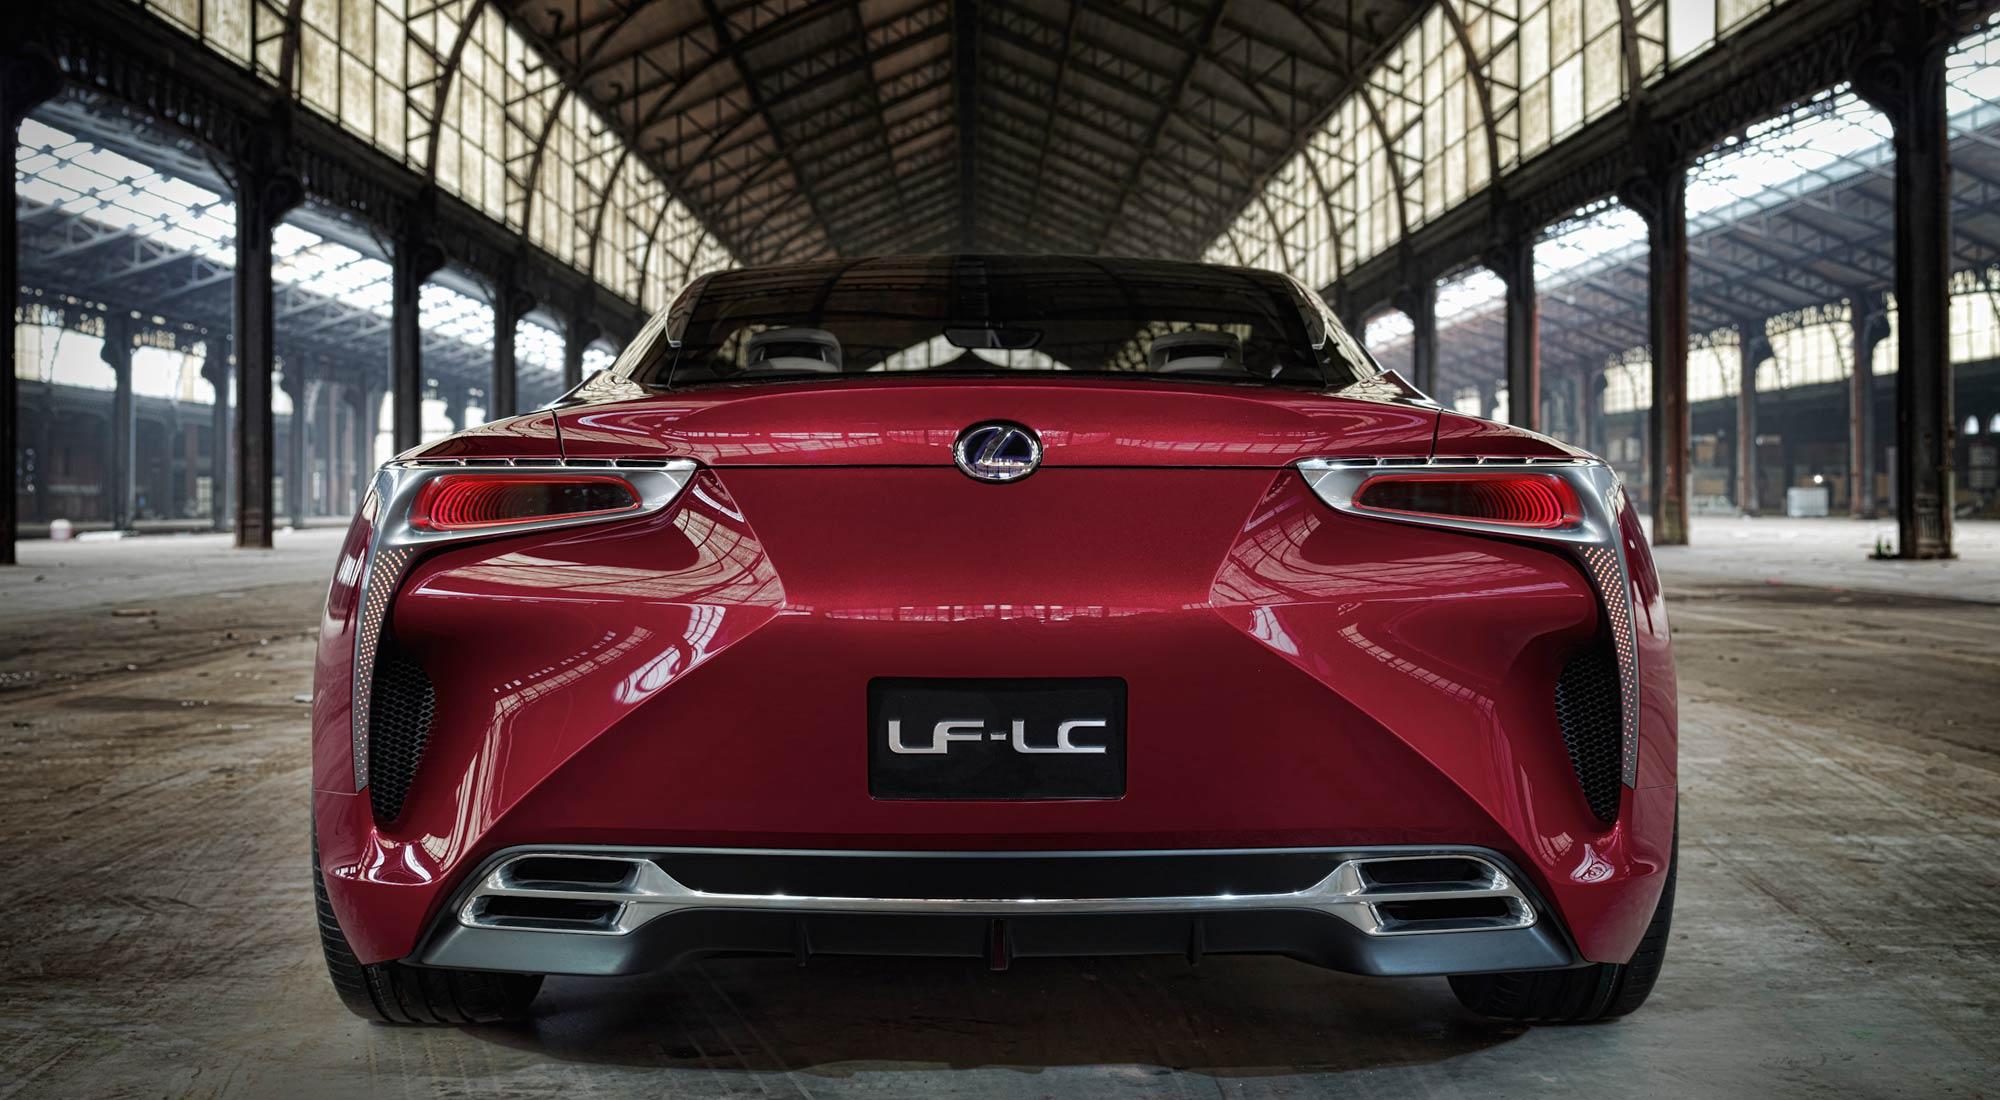 04-FCV-LFLC-2000x1100-LFLC-193.jpg